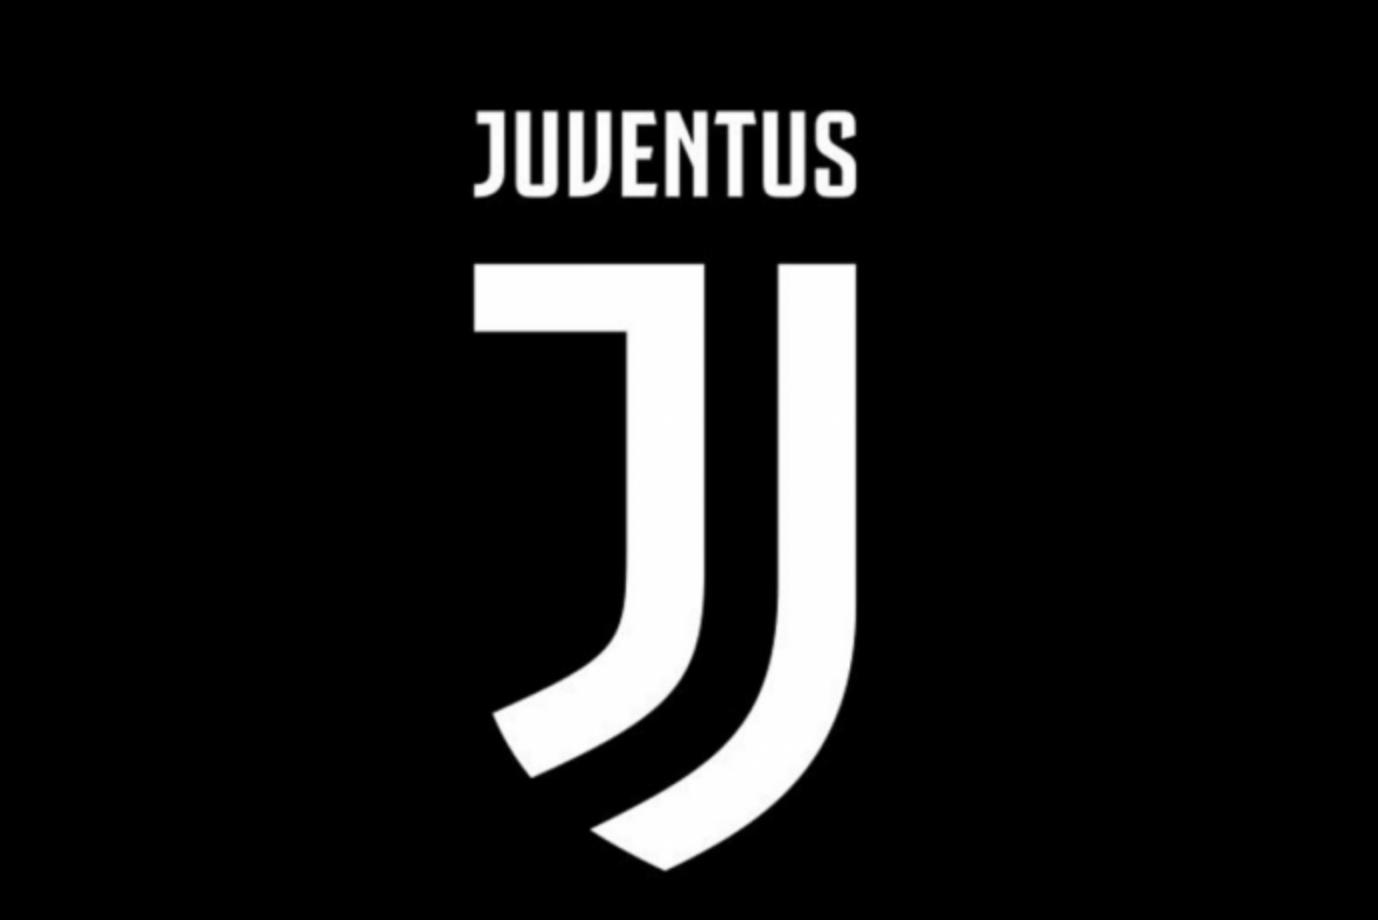 Juventus ein neues Logo, vereinfacht, klar aber auch hier sind die Meinungen geteilt.